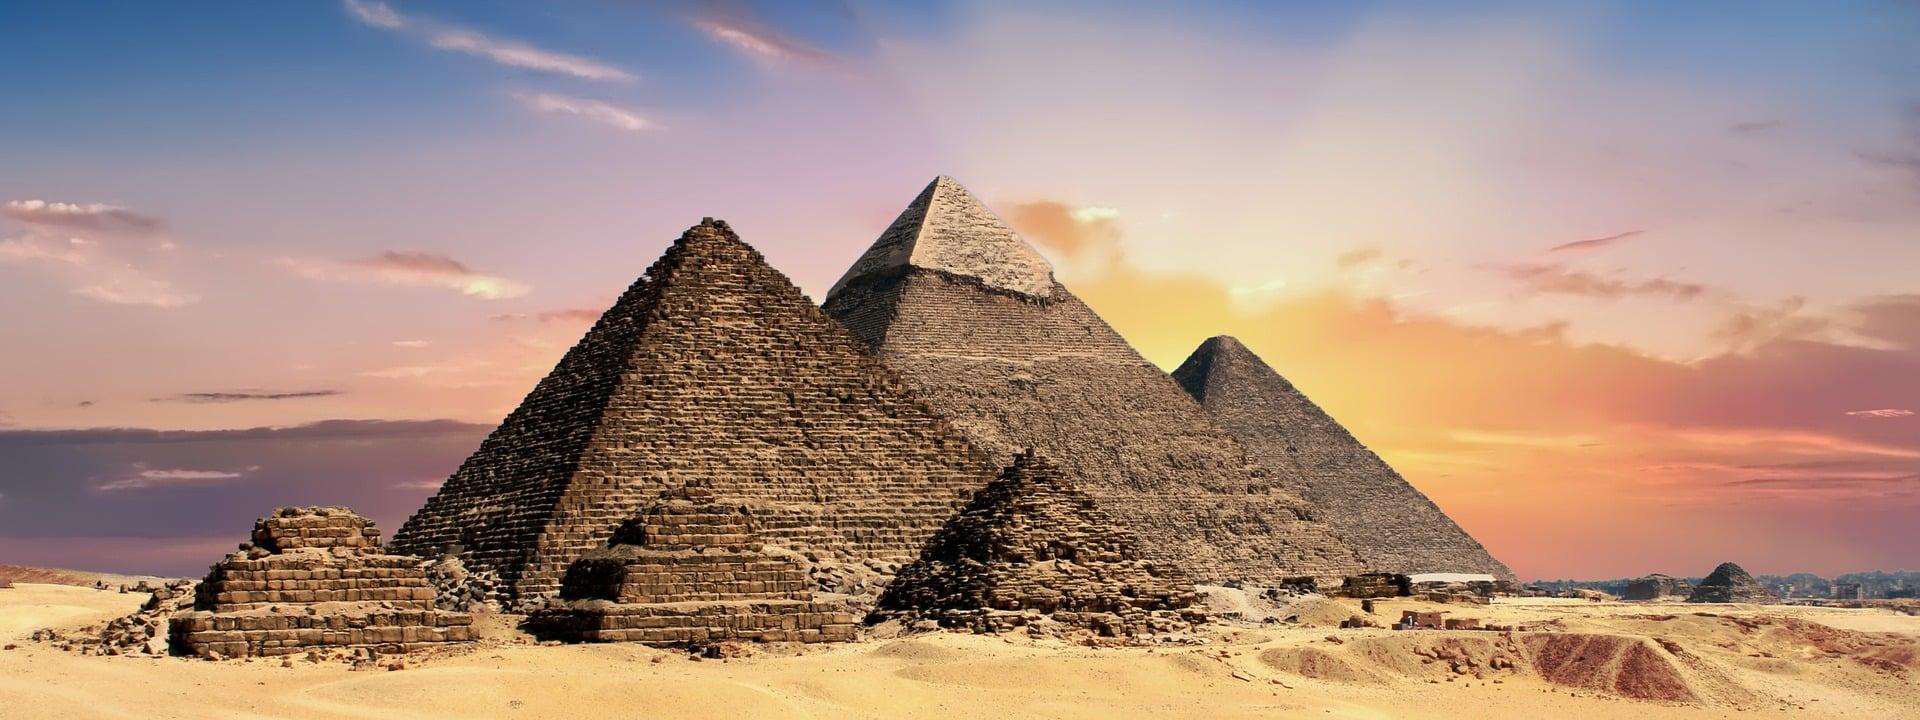 Egypte vakantie, tips en advies